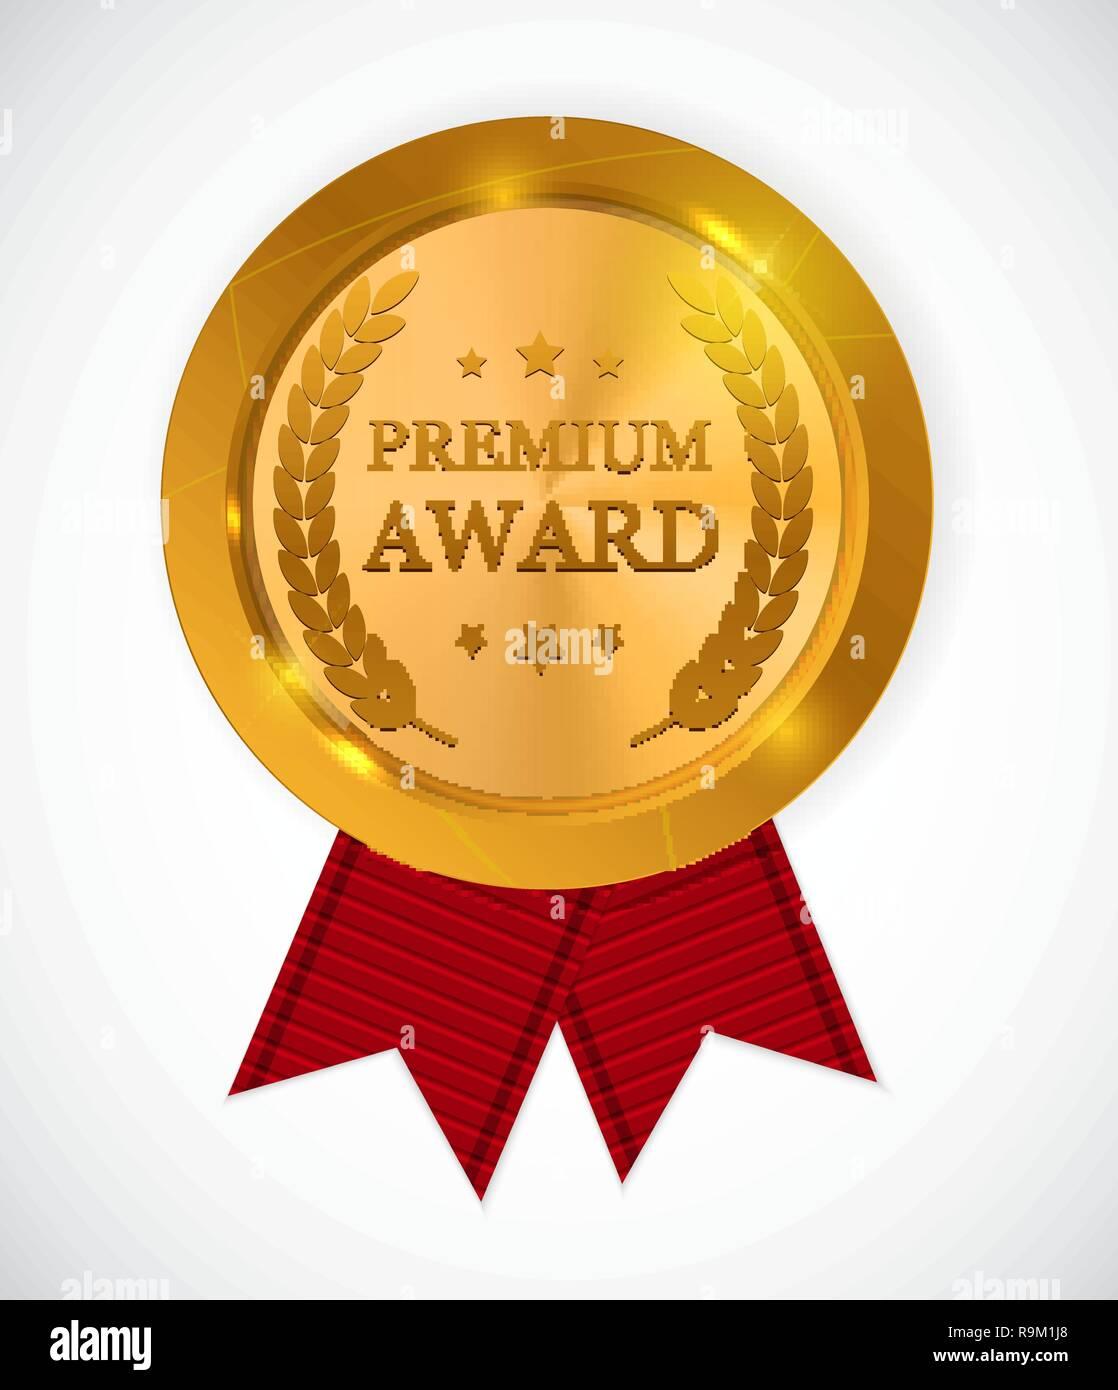 Premium Award Gold Medal  Vector Illustration EPS10 Stock